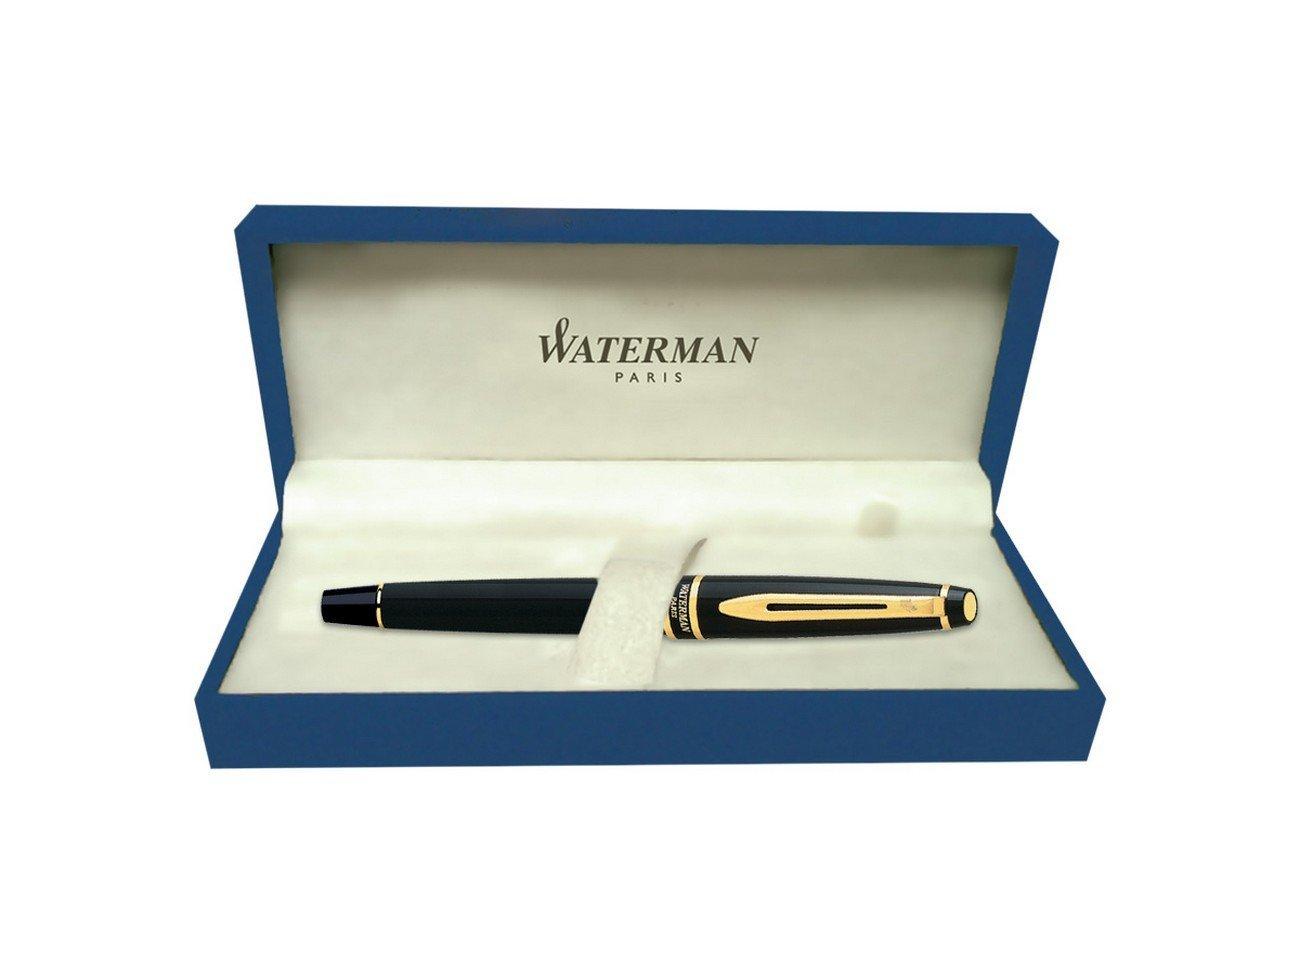 bút quà tặng Waterman